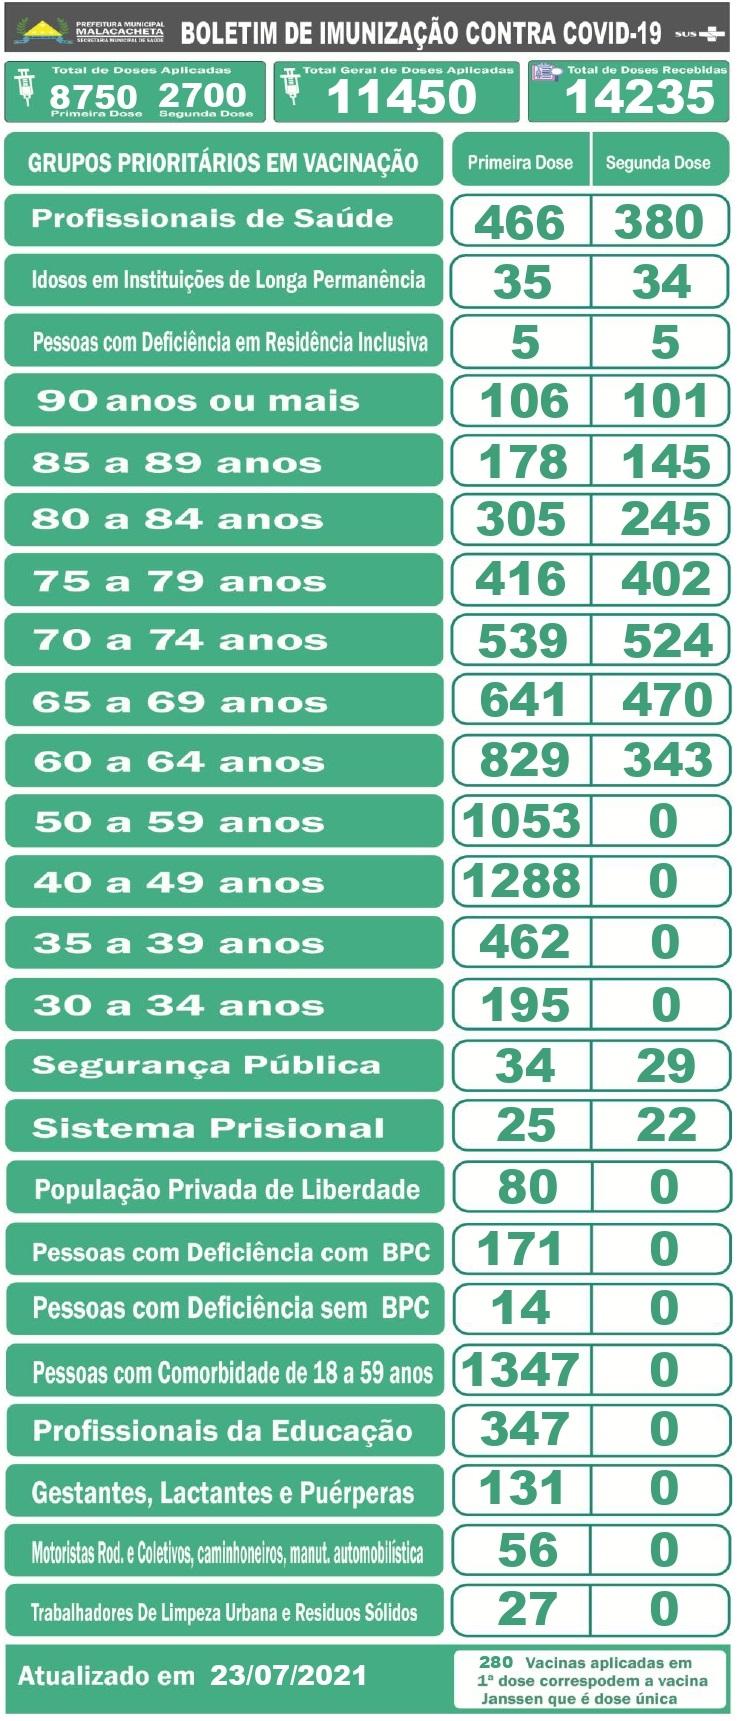 BOLETIM DE IMUNIZAÇÃO - 23/07/2021